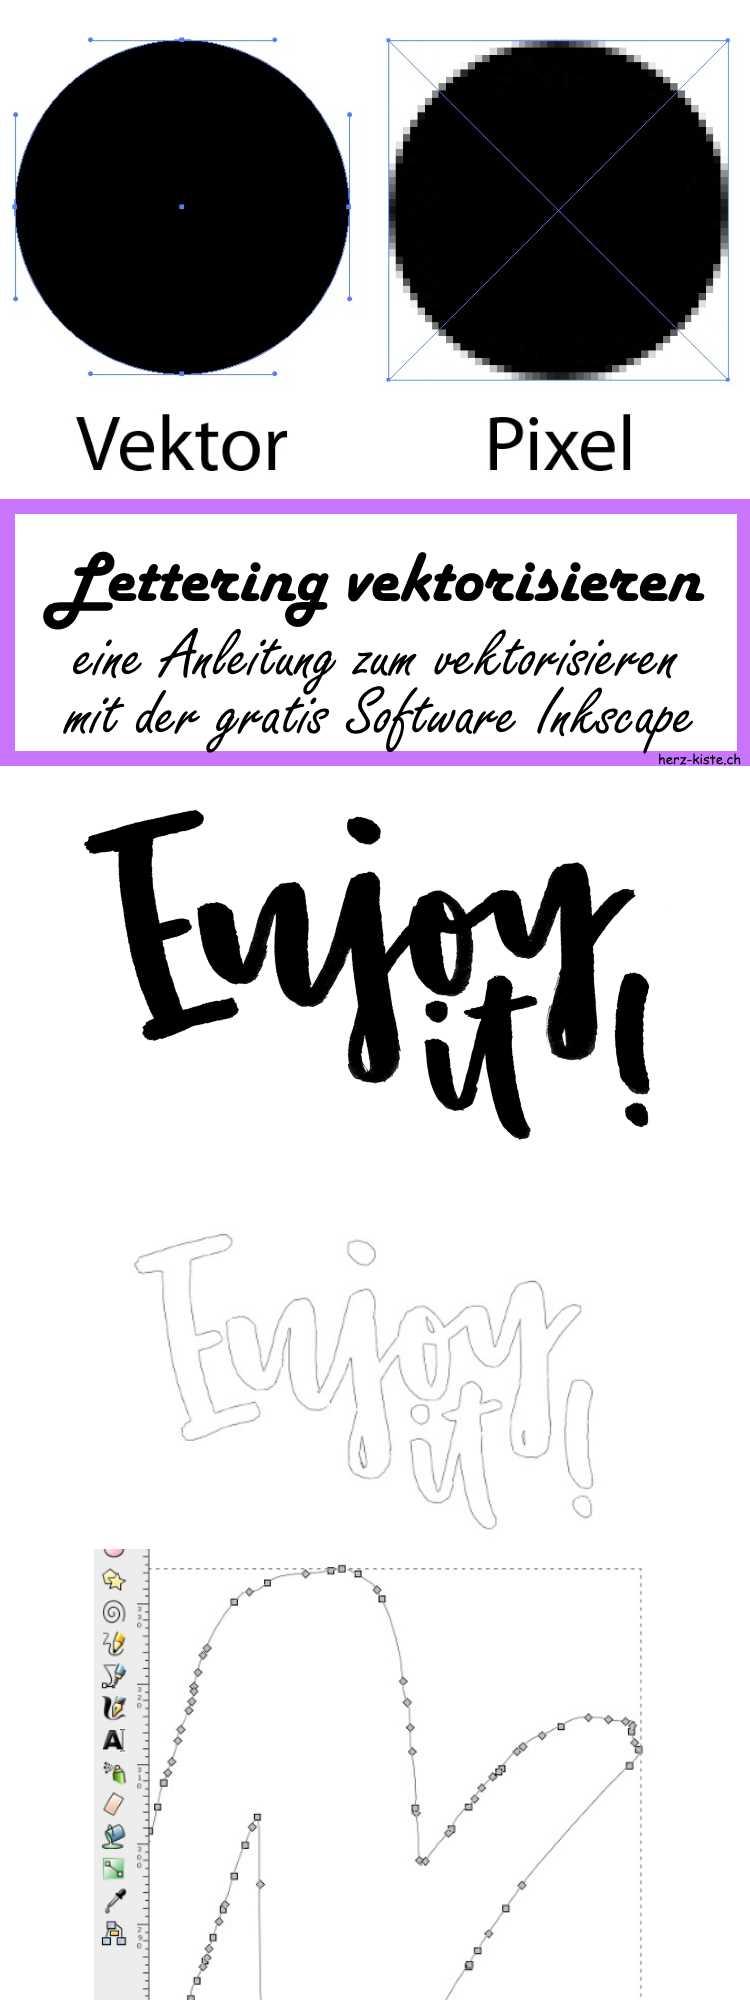 Eine einfache Schritt-für-Schritt Anleitung, wie du ganz einfach dein Lettering vektorisieren kannst dank der gratis Software Inkscape! So stehen dir alle Möglichkeiten mit deinem Handlettering offen! Ob Stempel, 3D-Druck, Logos oder sonstige Verwendungen